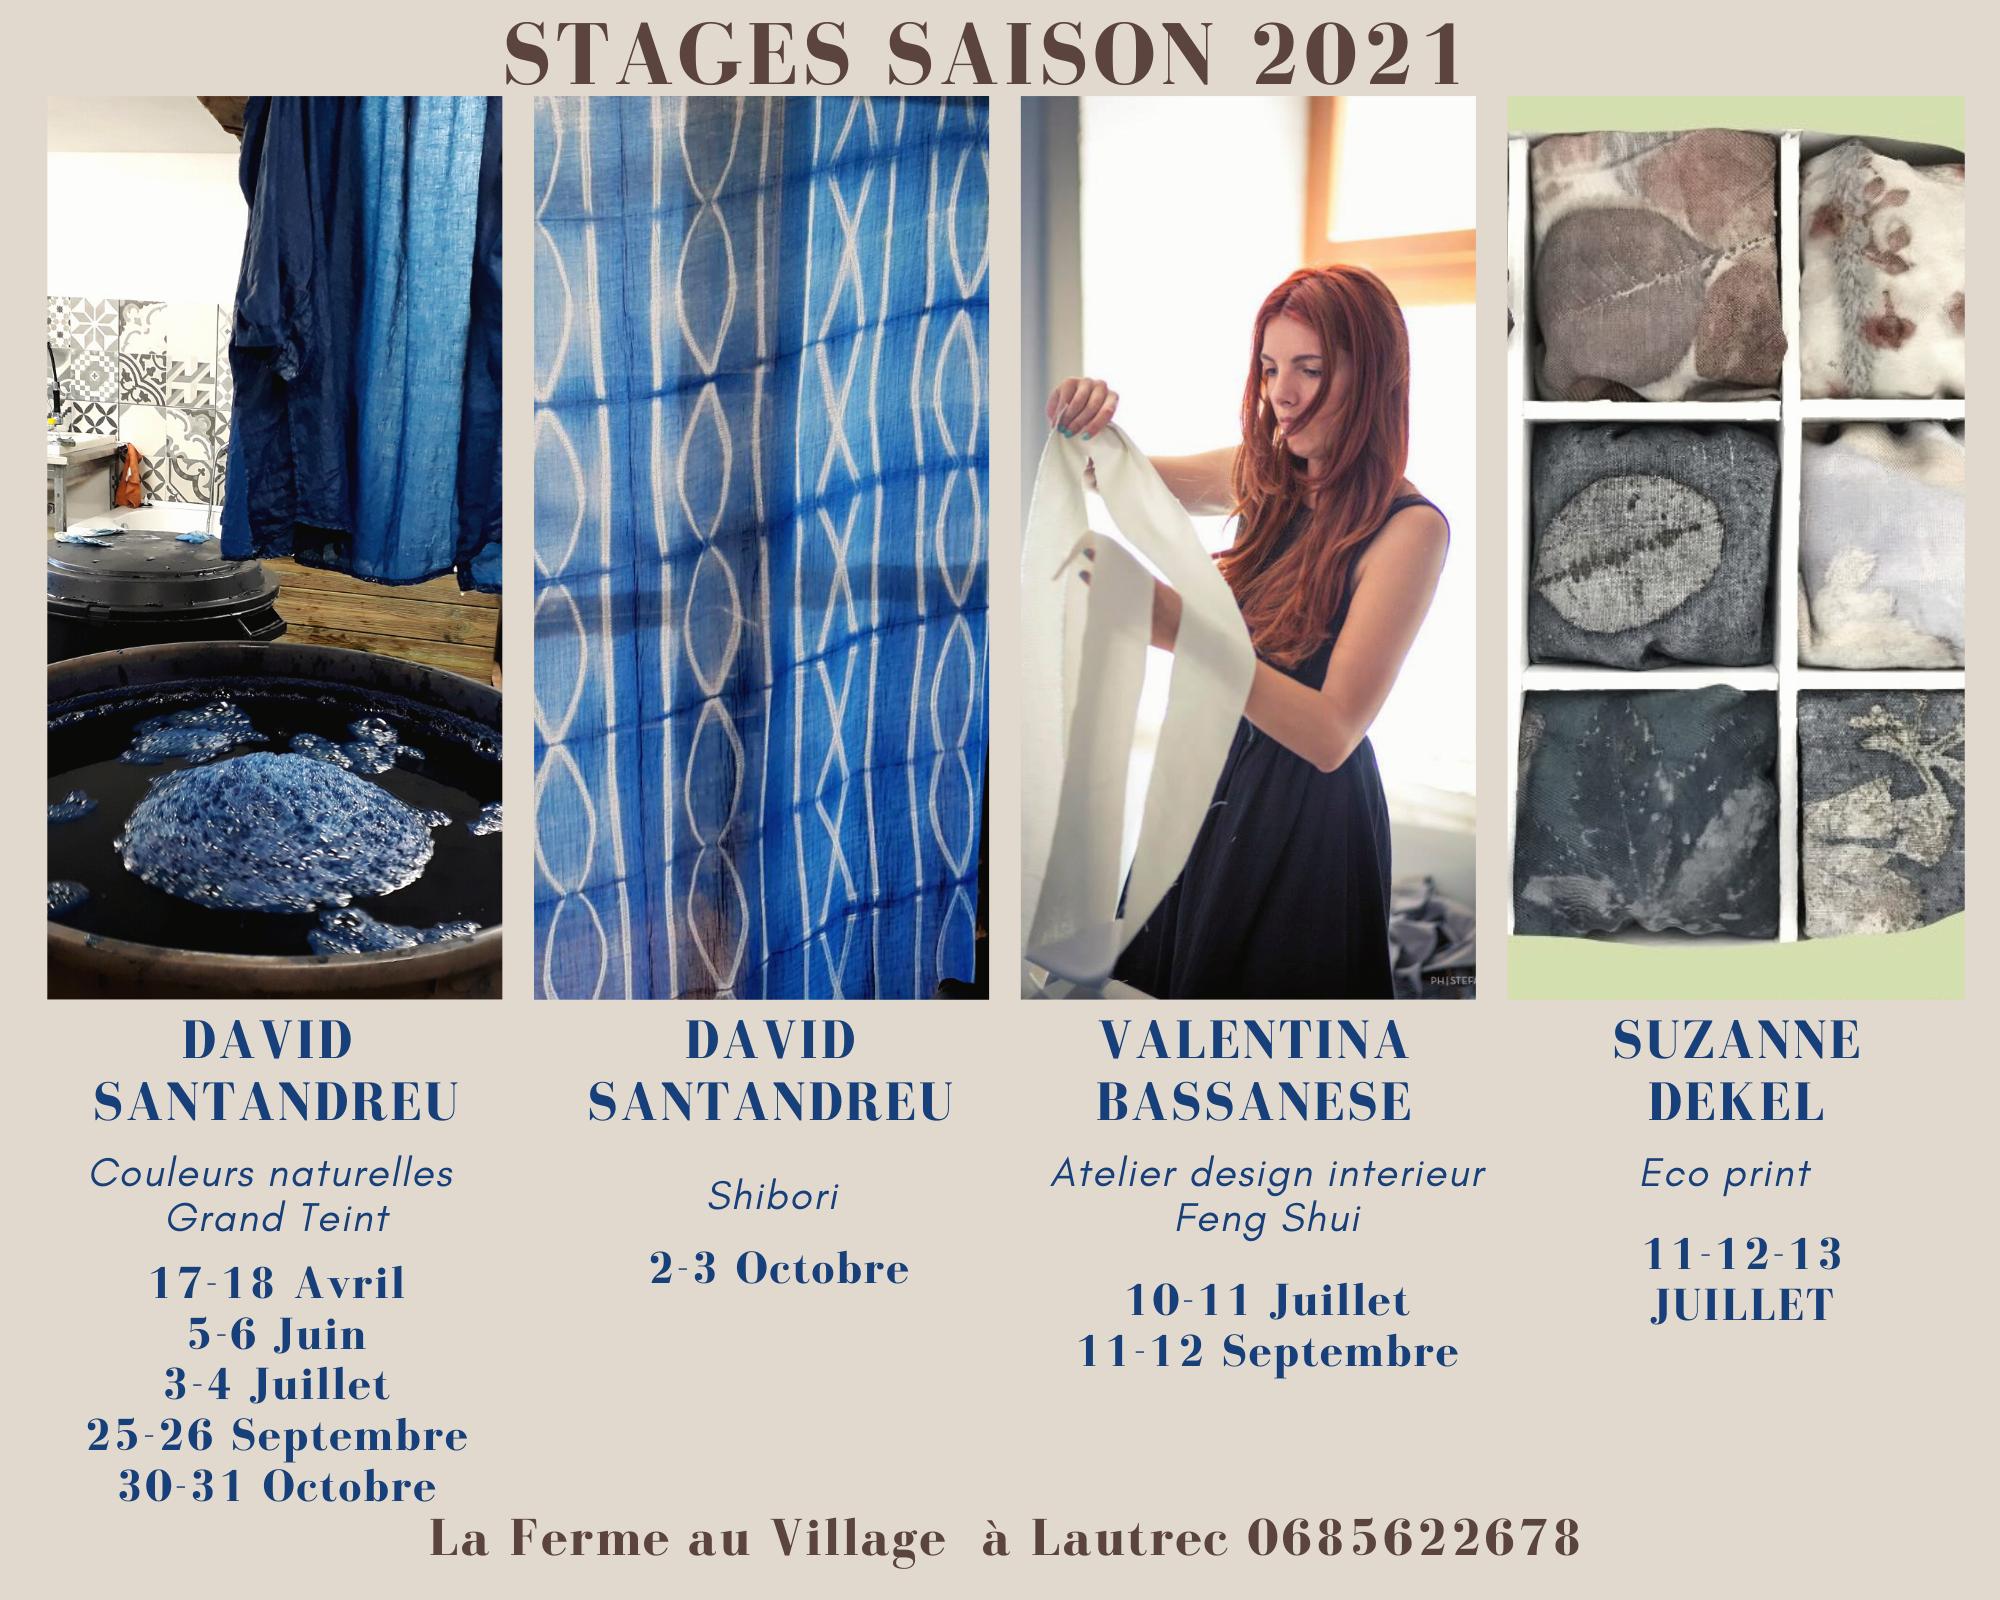 Saison Stage 2021